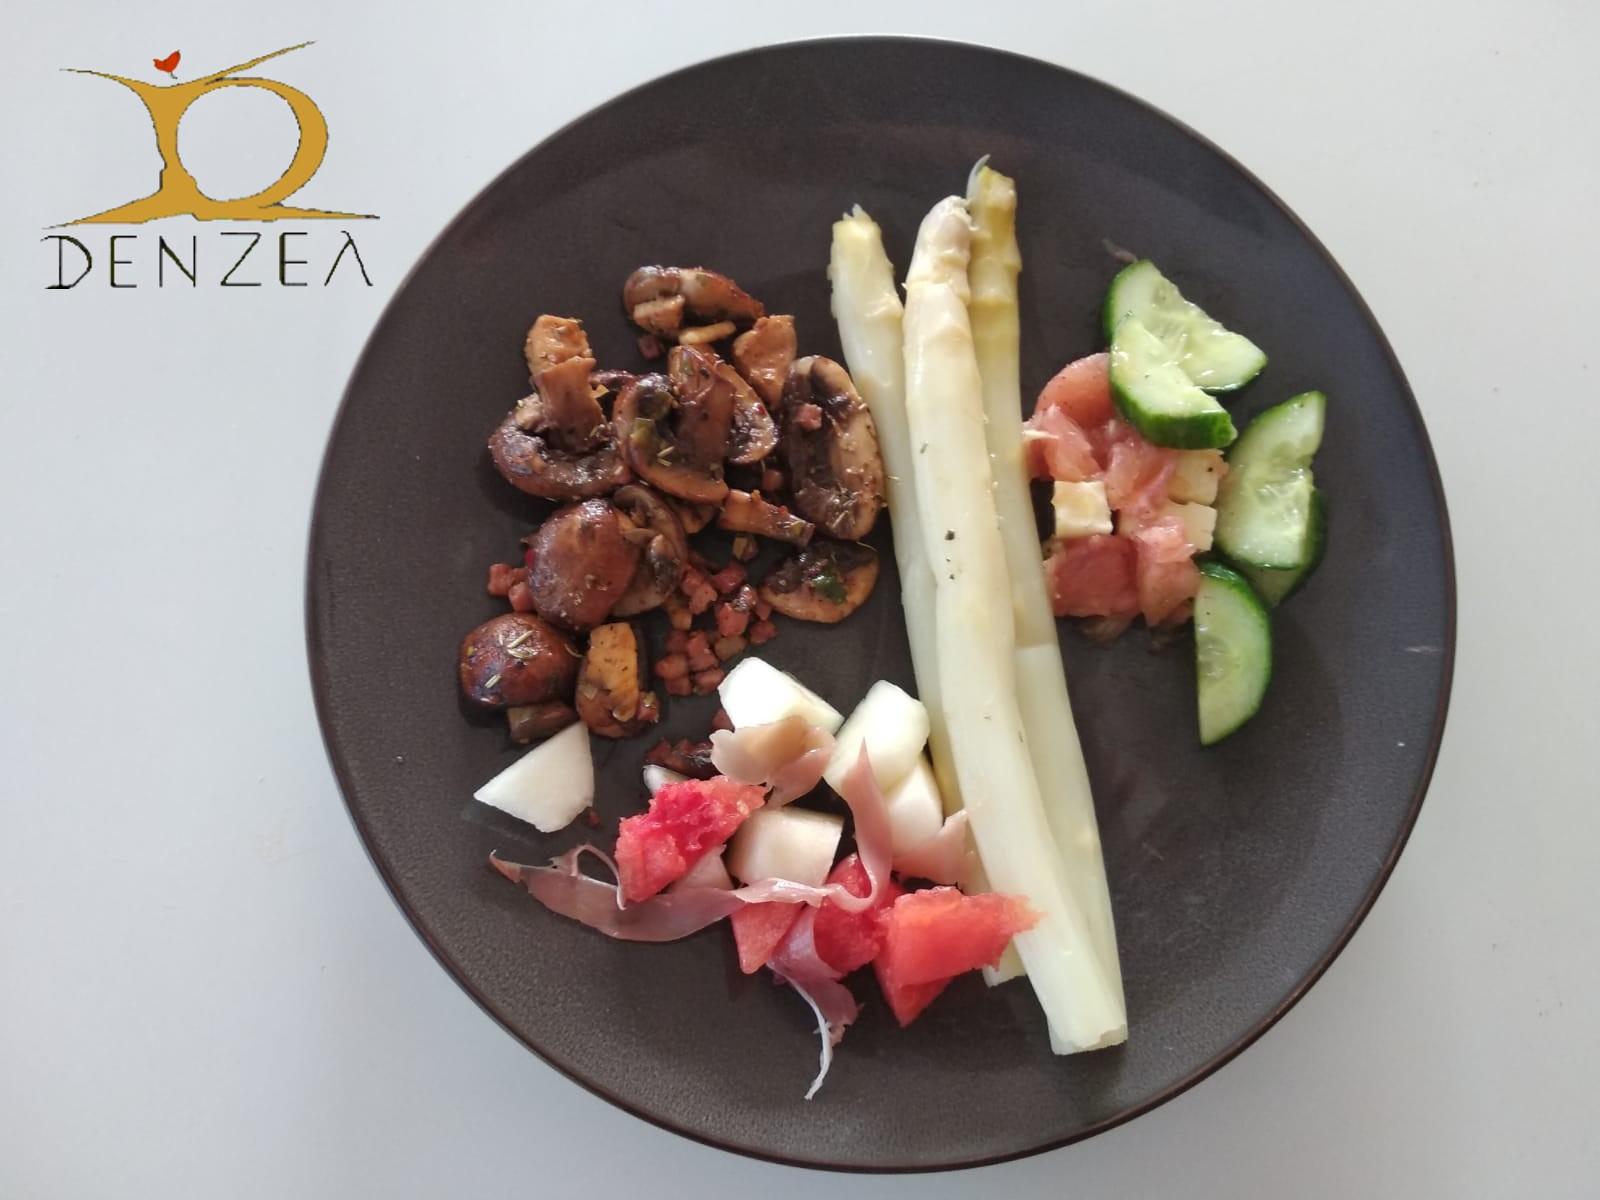 Spargel und Spargelspitzen mit Pilzen und Salat